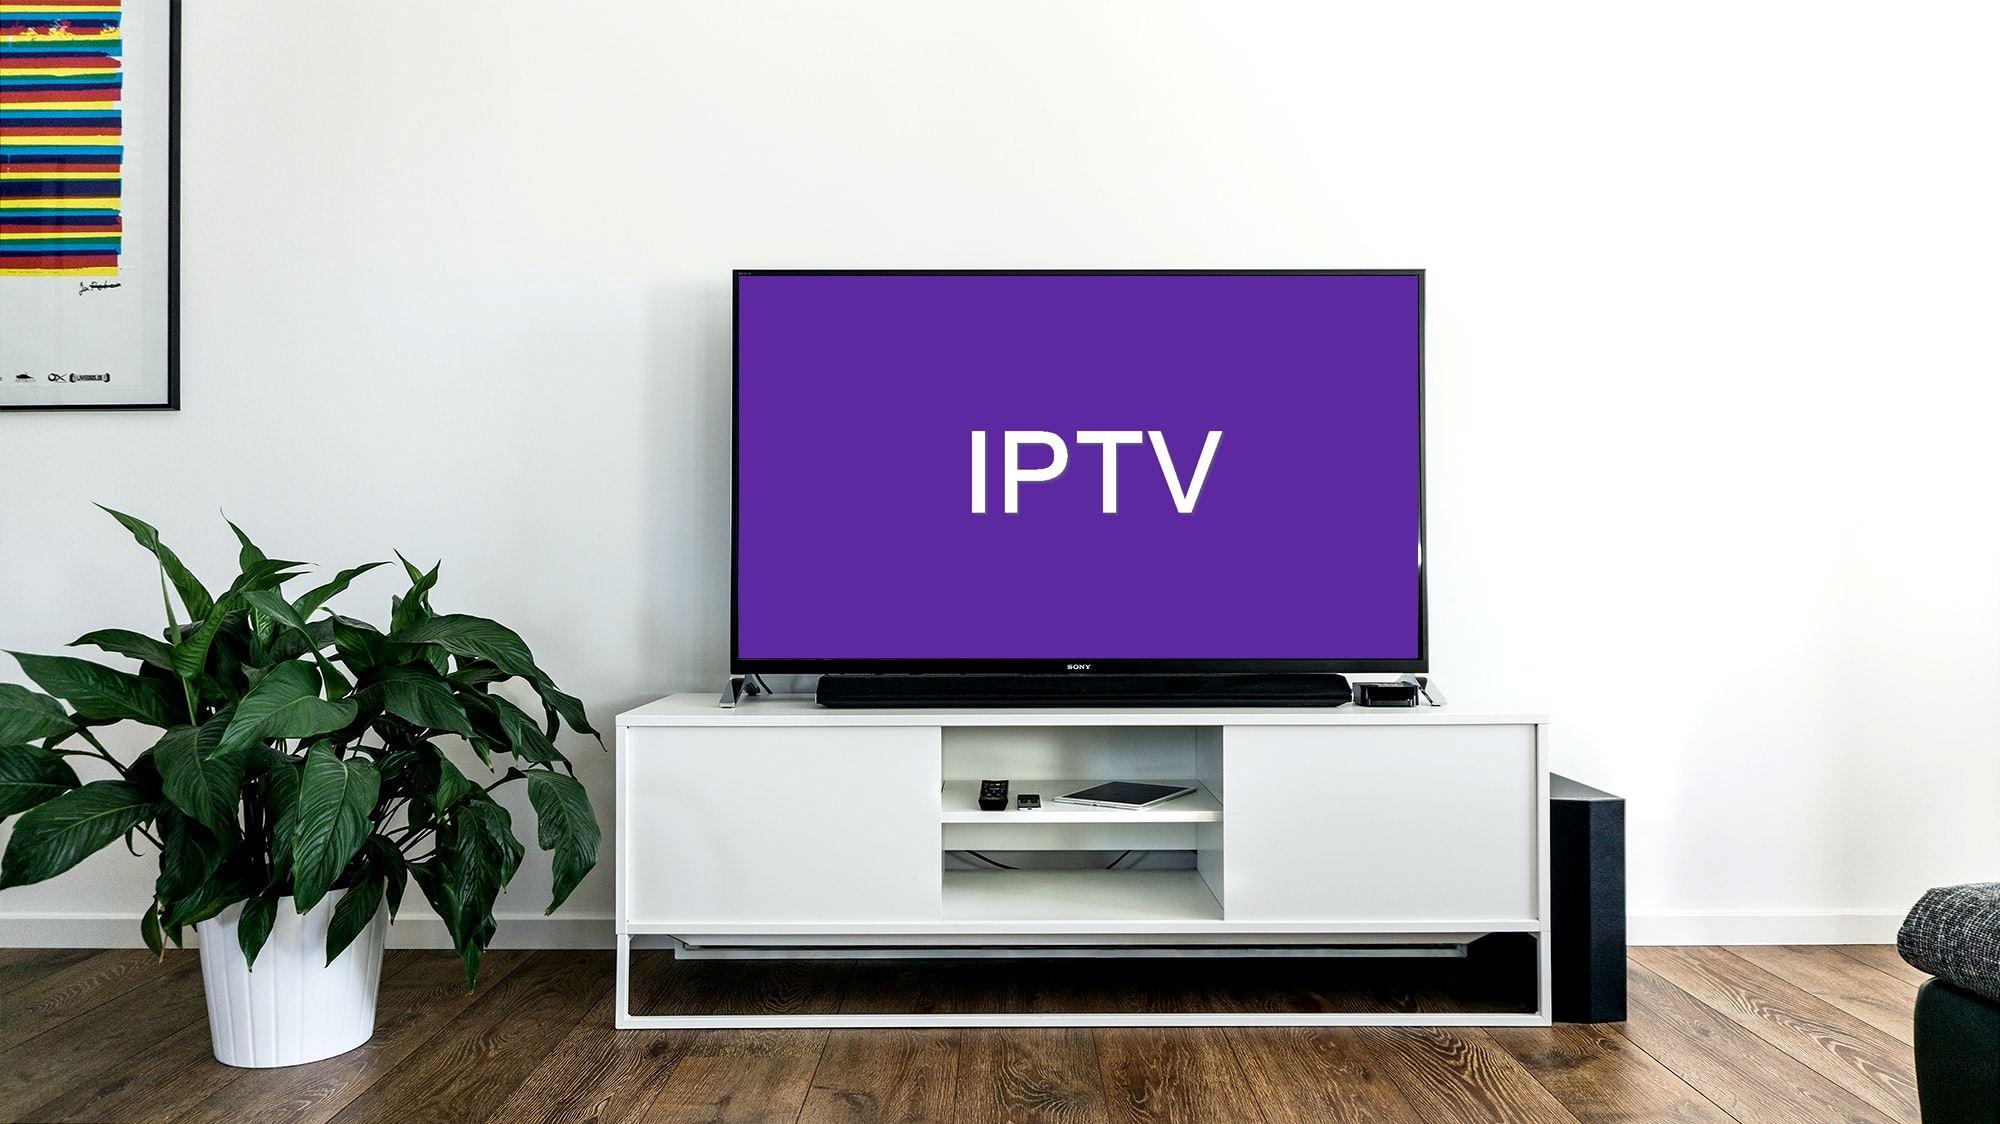 Les 5 meilleurs VPN pour l'IPTV en 2021